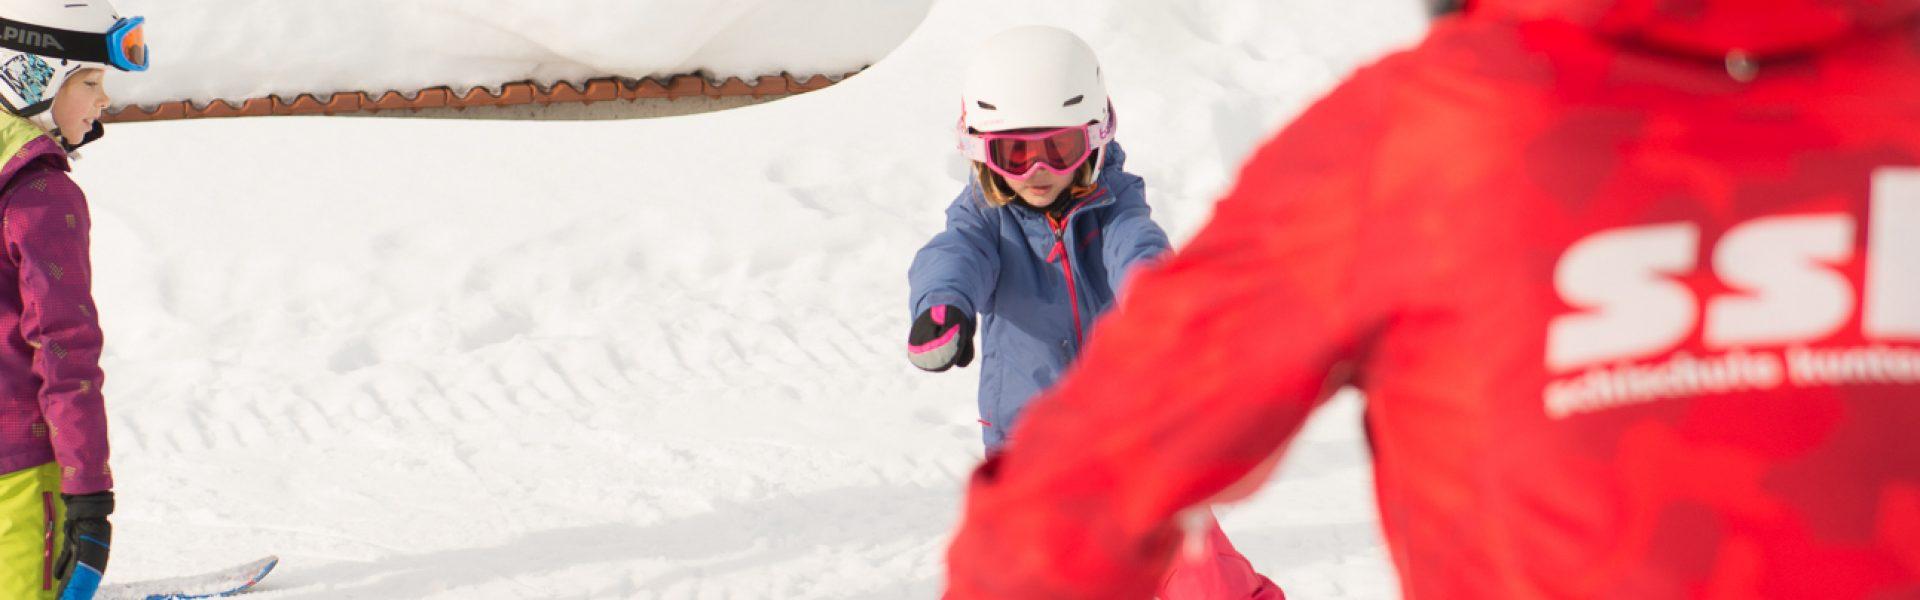 ssk skischule kunterbunt-8neu